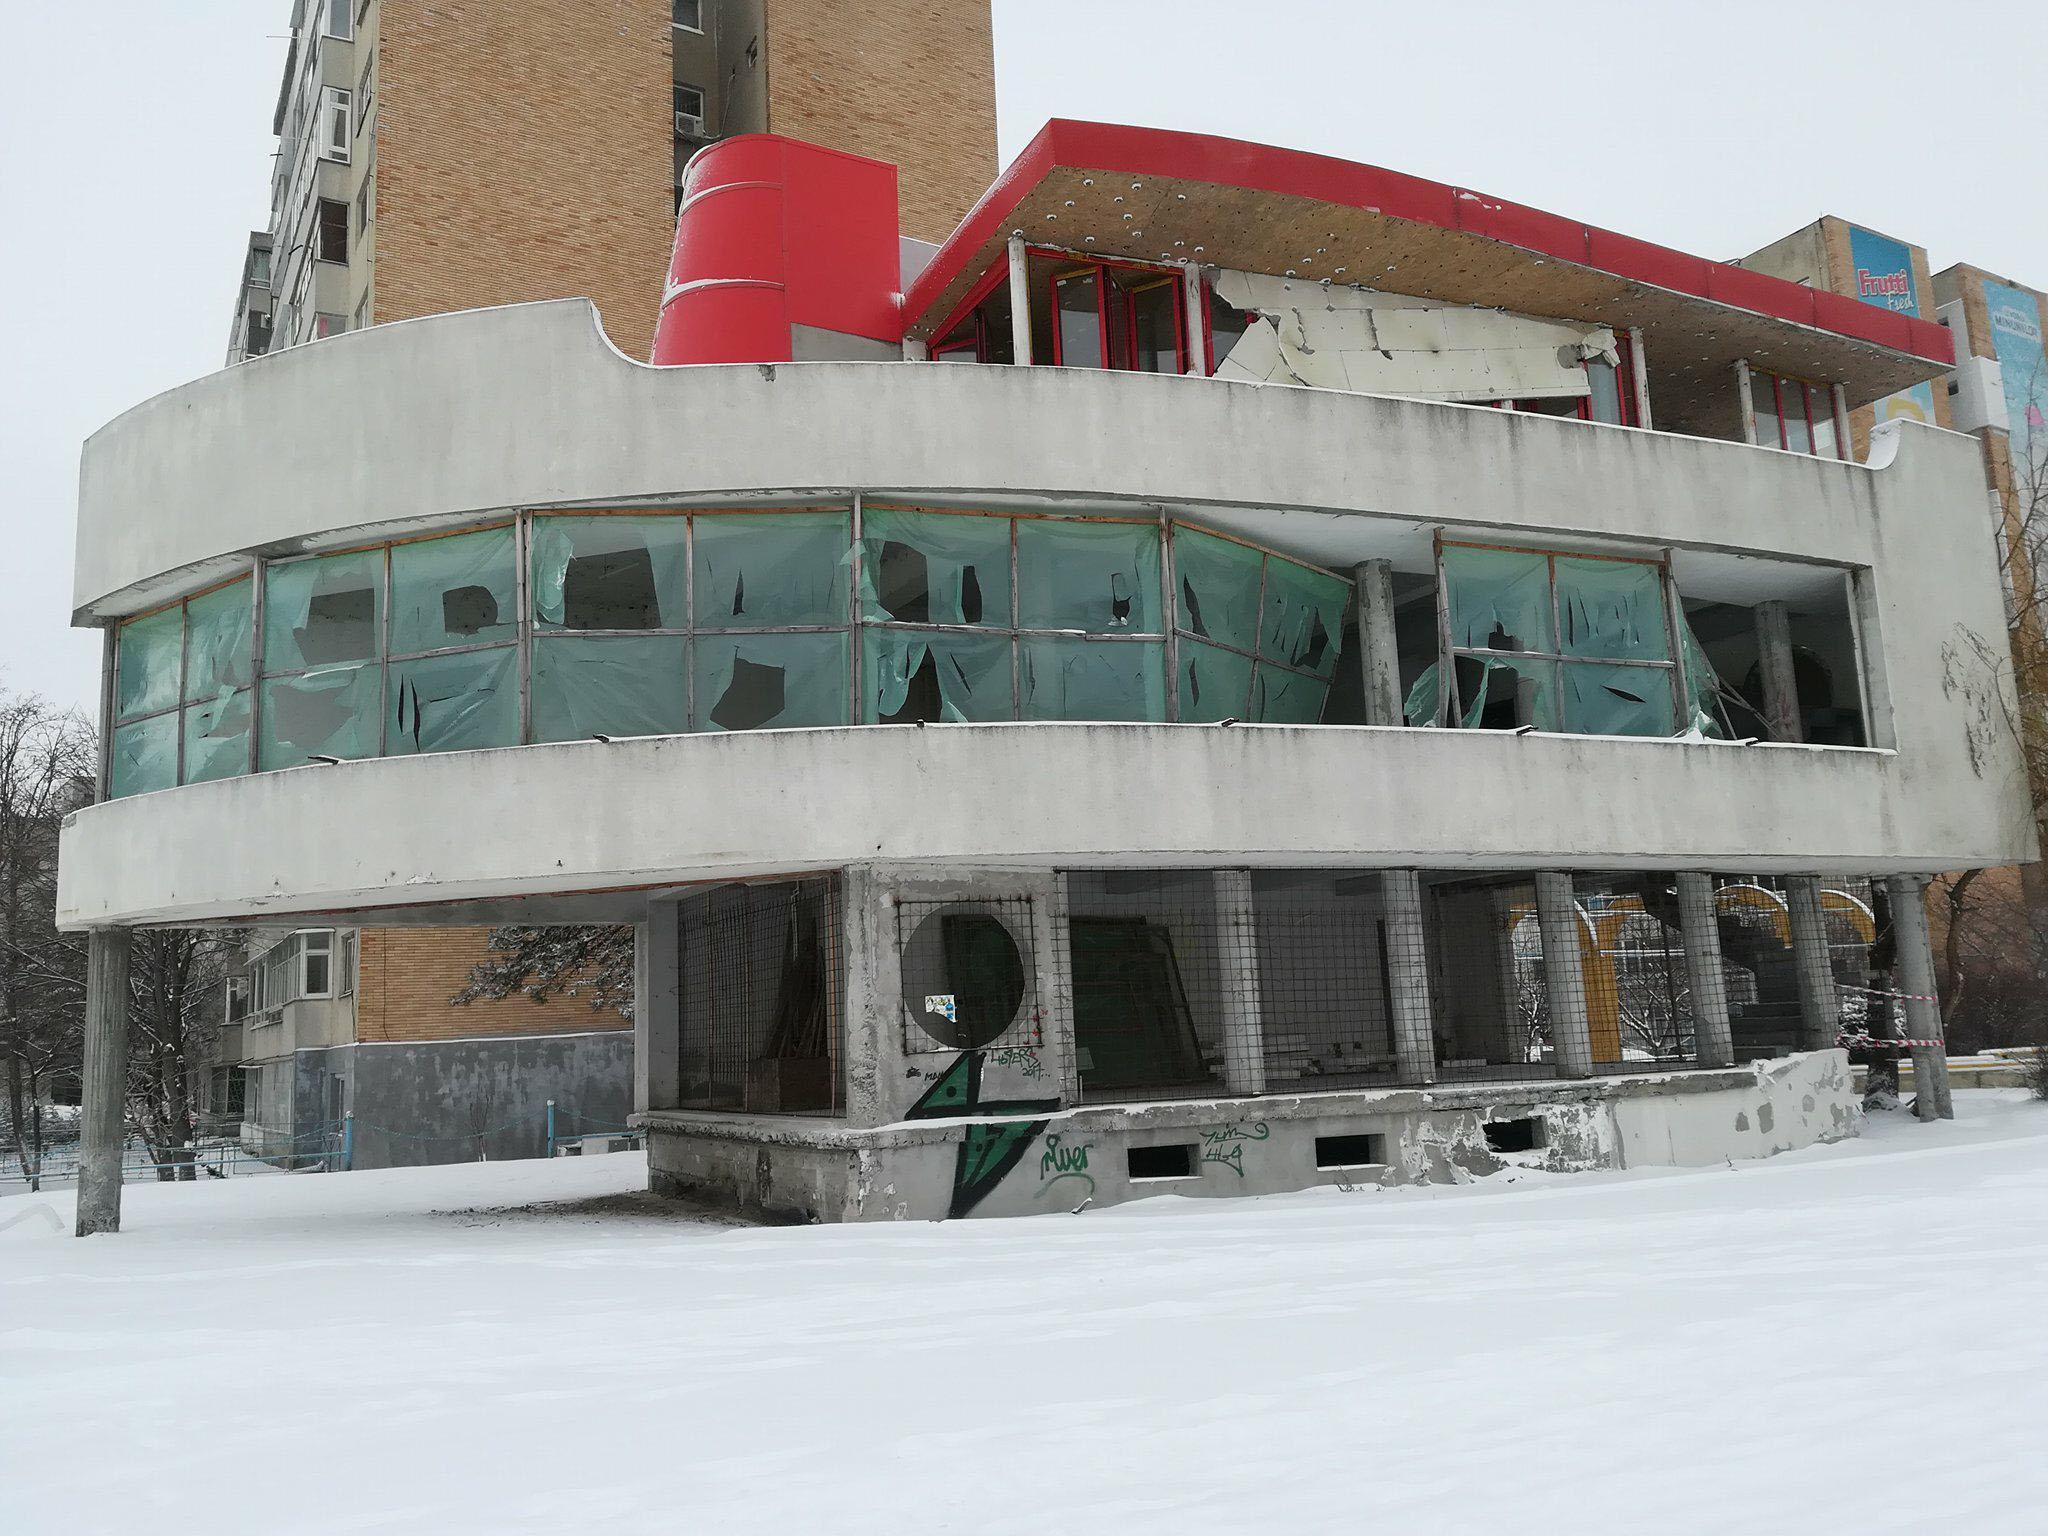 Clădirea abandonată de pe faleza municipiului va fi demolată